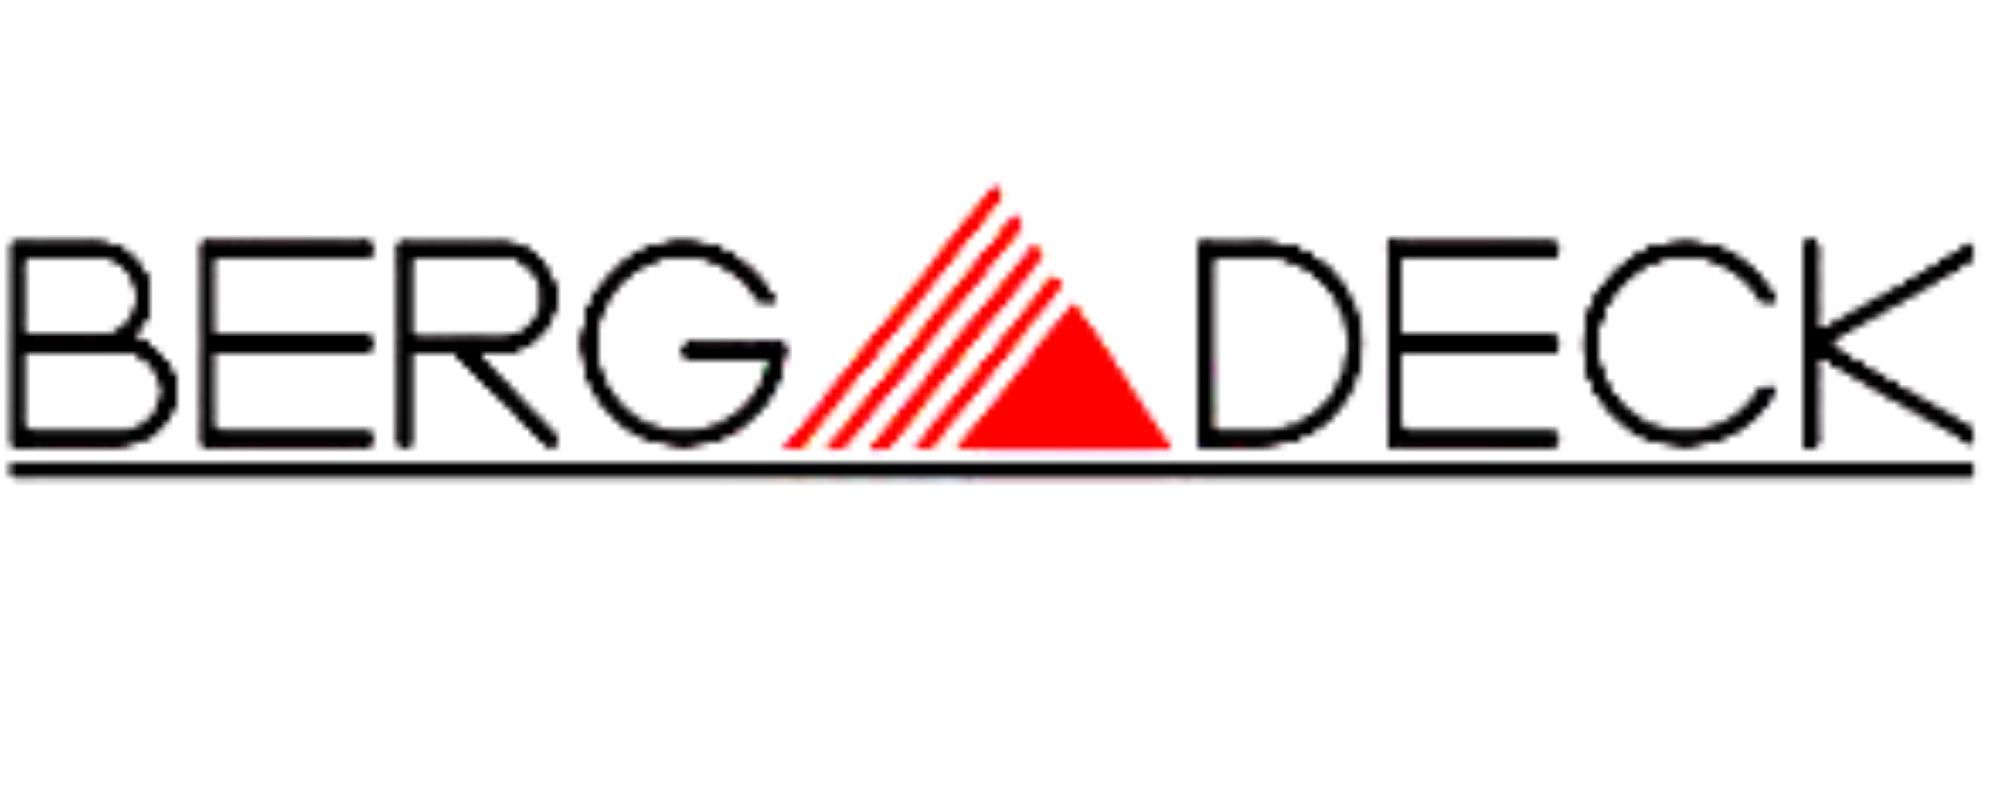 Berg Deck logó